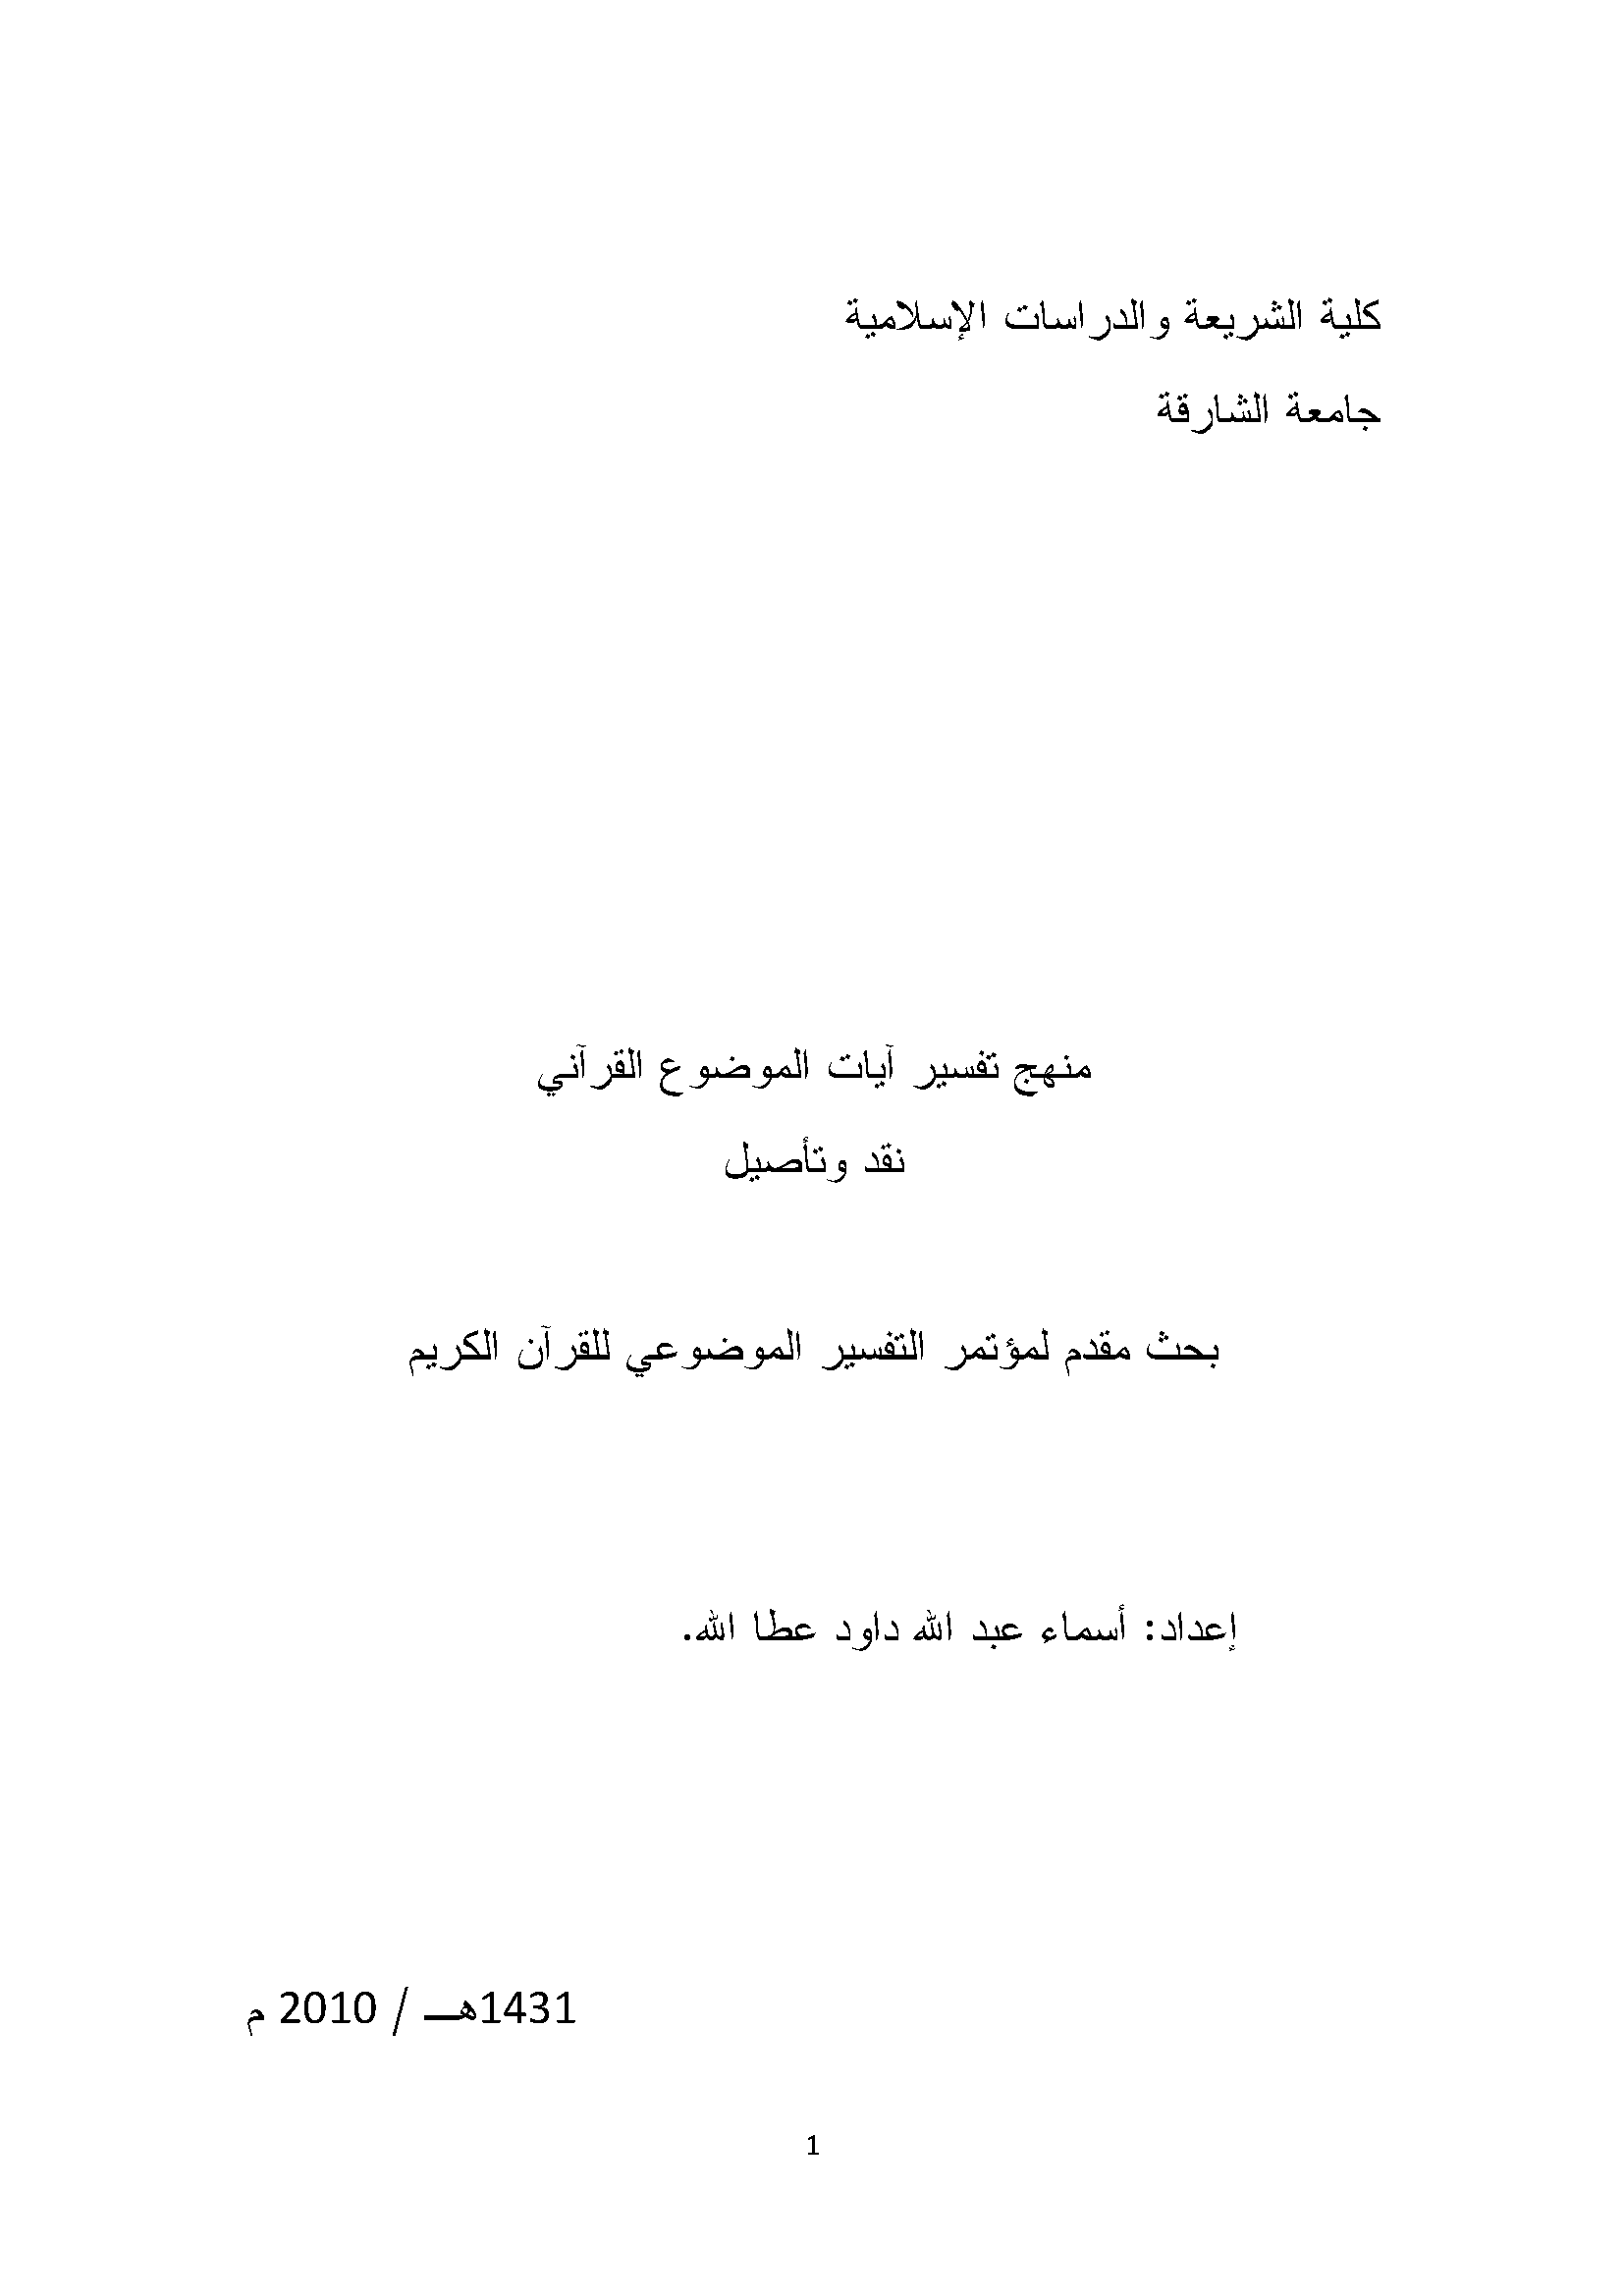 تحميل كتاب منهج تفسير آيات الموضوع القرآني (نقد وتأصيل) لـِ: أسماء عبد الله داود عطا الله